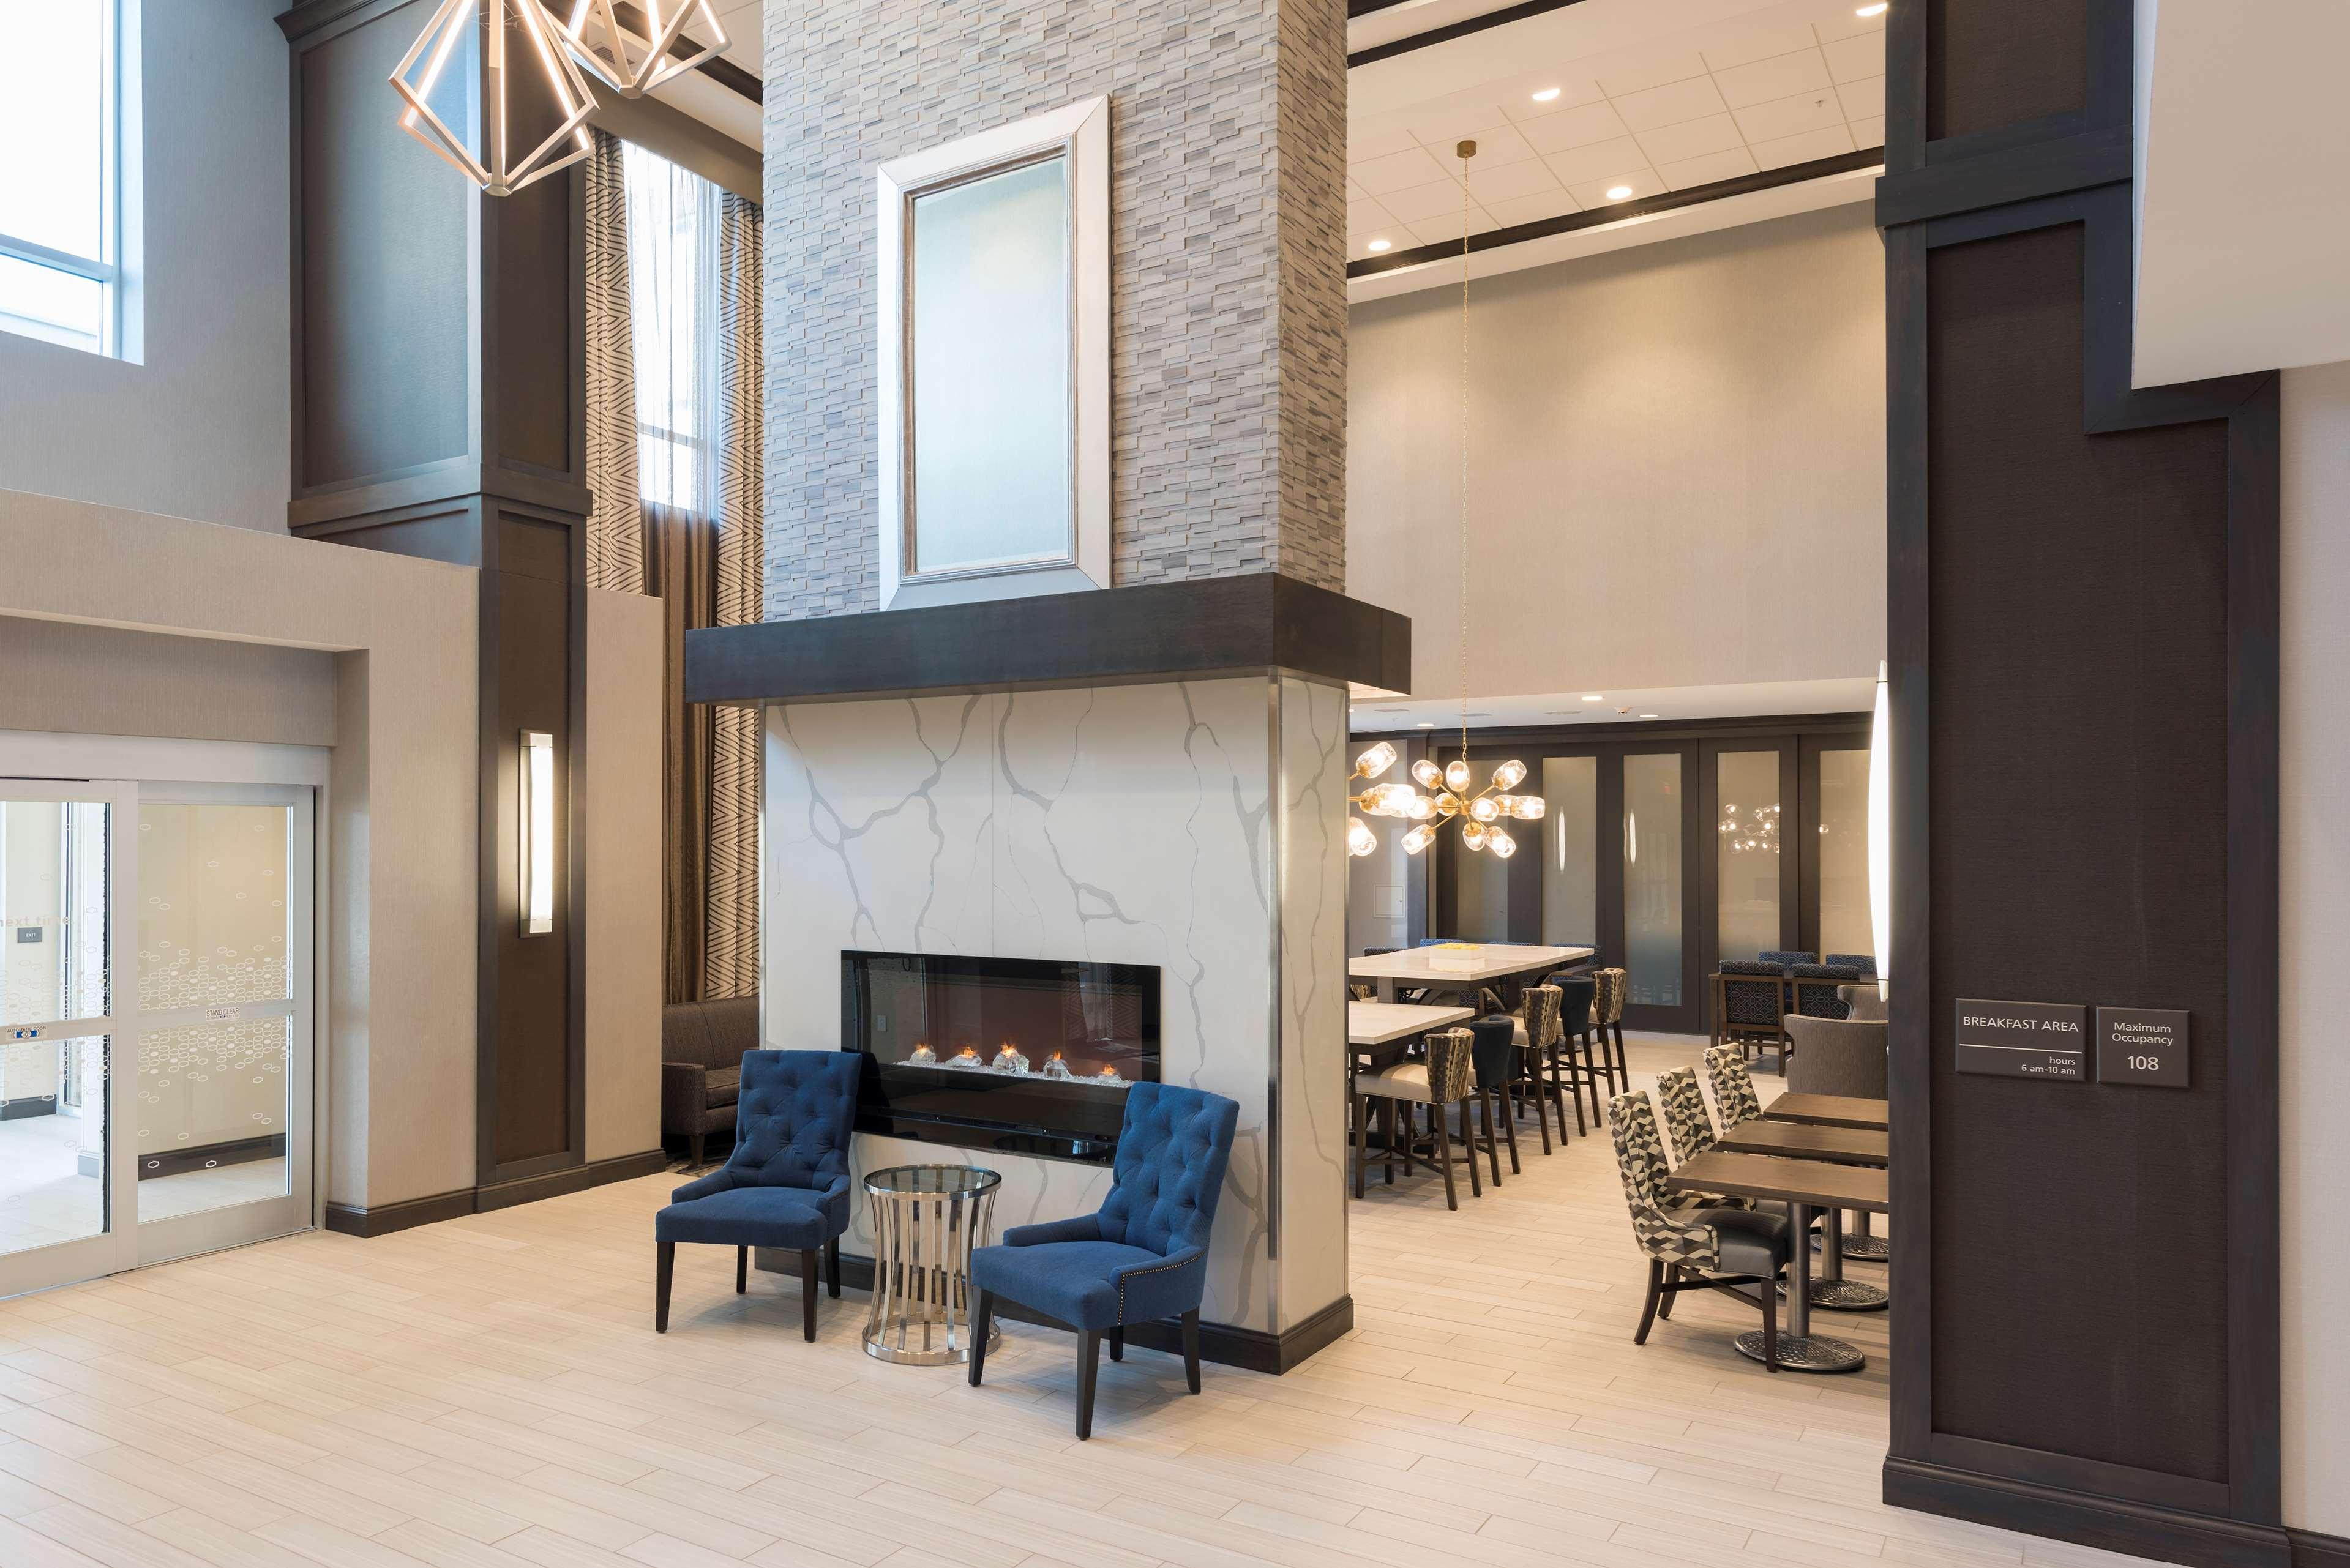 Hampton Inn & Suites Indianapolis-Keystone image 3